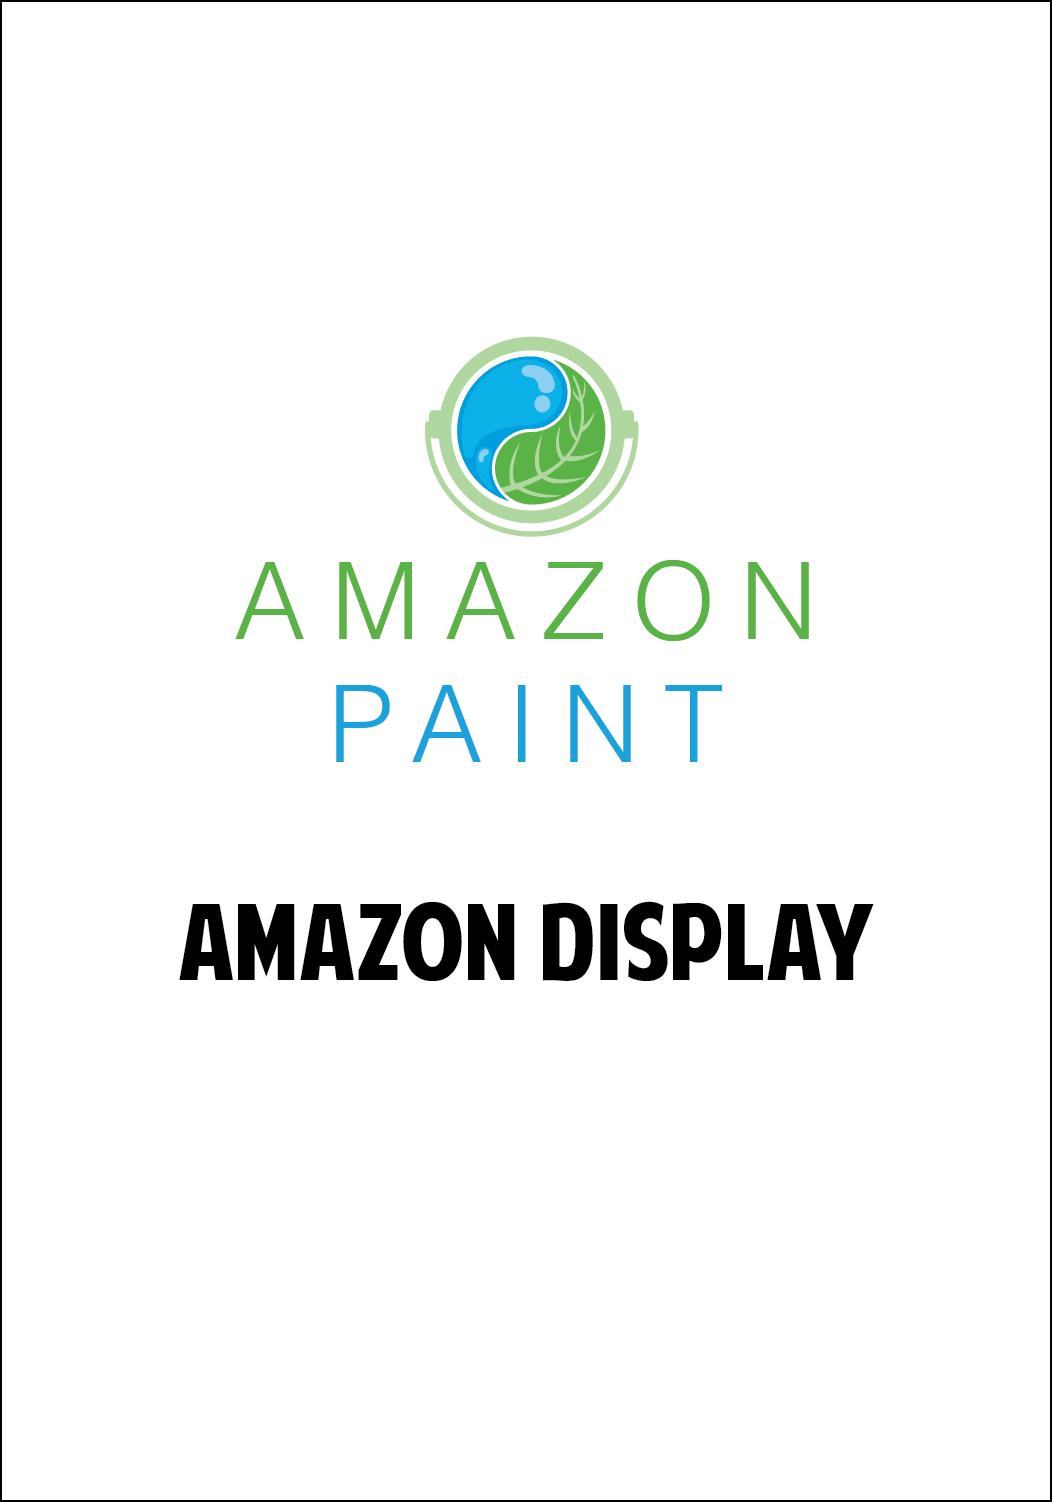 Amazon Display